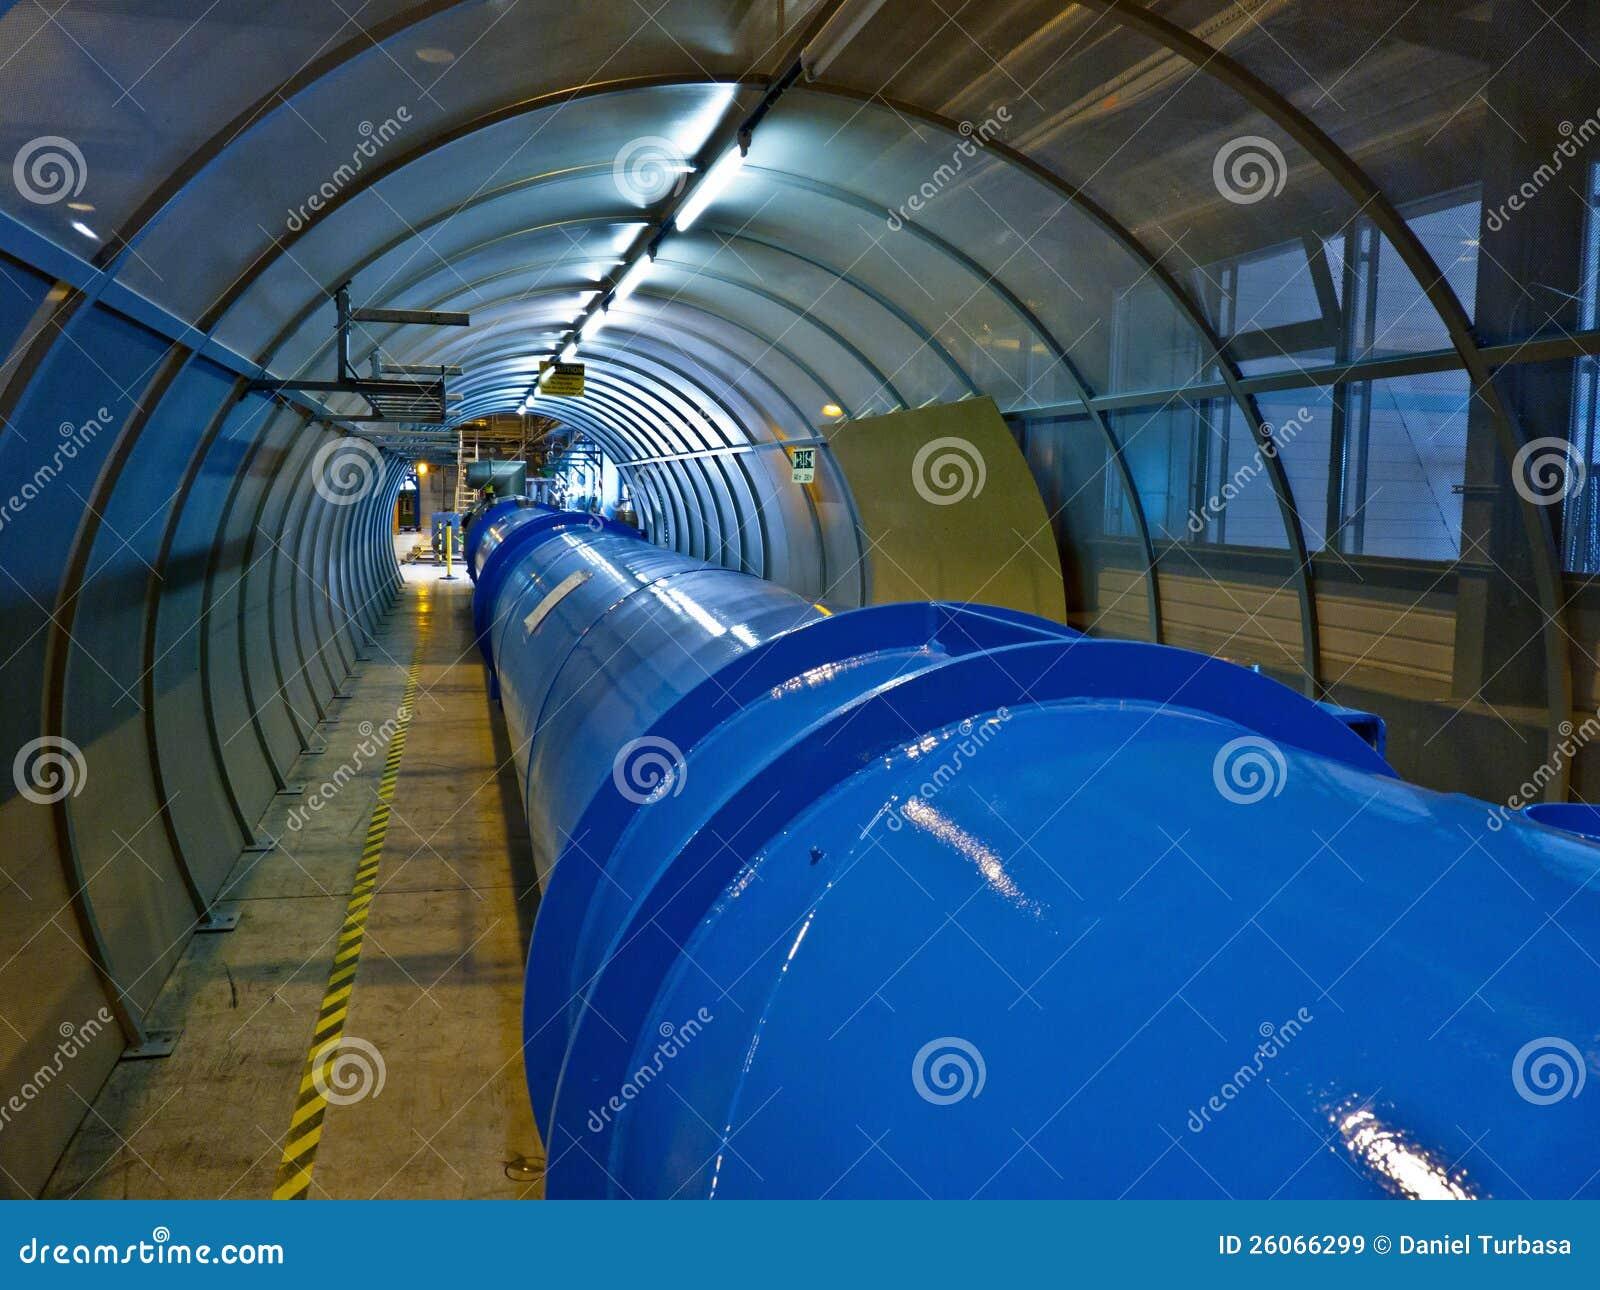 ΚΈΝΤΡΟ ΠΥΡΗΝΙΚΏΝ ΜΕΛΕΤΏΝ ΚΑΙ ΕΡΕΥΝΏΝ (CERN) - LHC